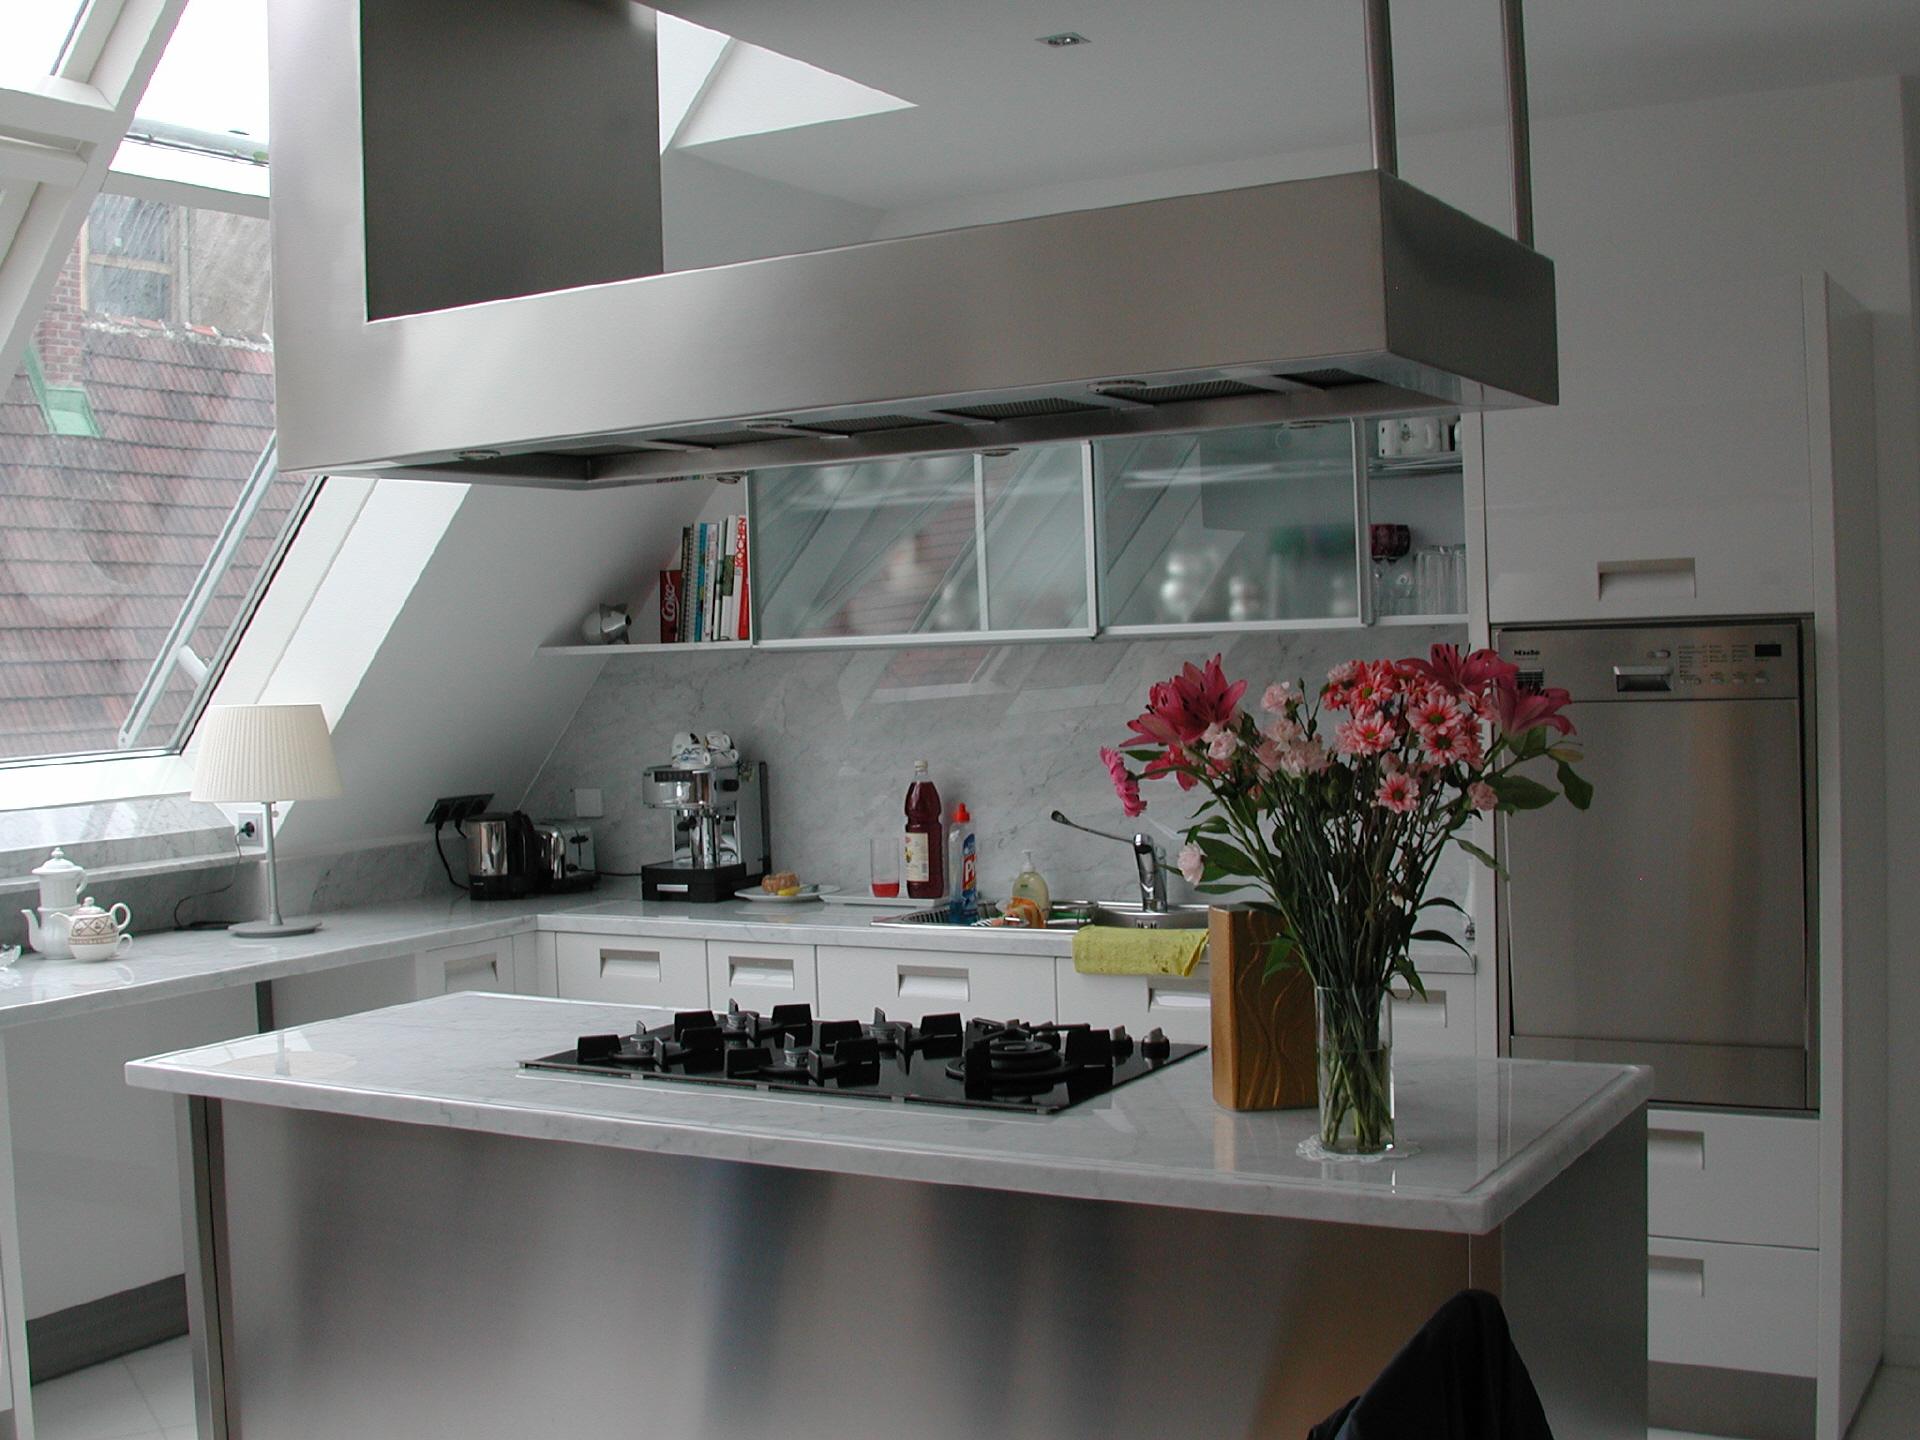 Full Size of Edelstahl Kchen Garten Edelstahlküche Gebraucht Outdoor Küche Küchen Regal Wohnzimmer Edelstahl Küchen